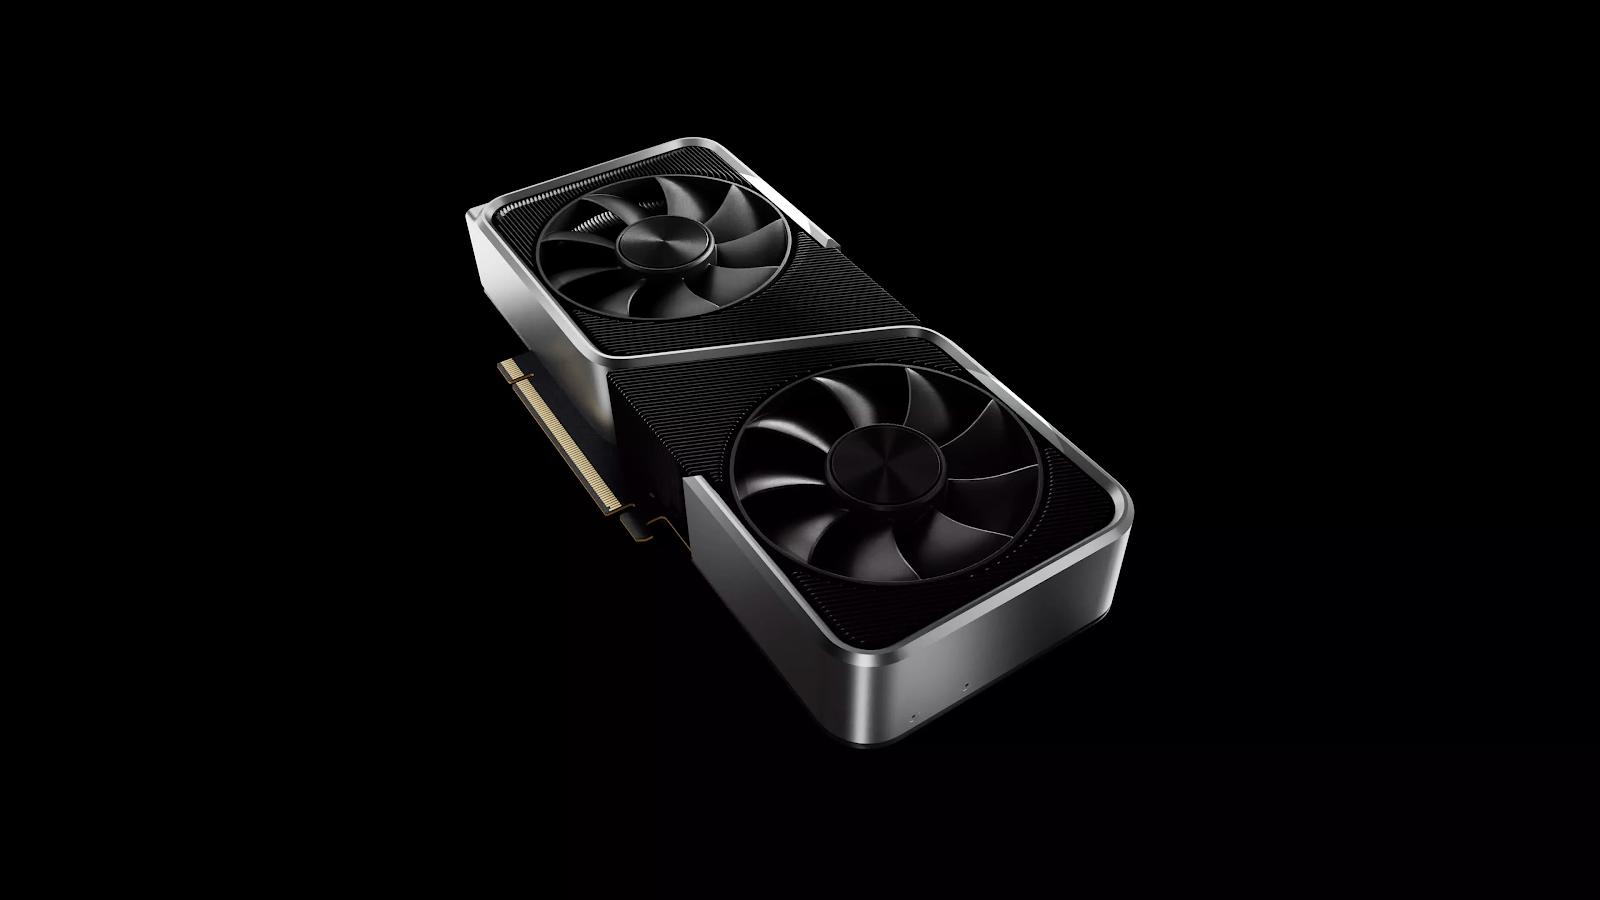 GA104 используется в GeForce RTX 3060 Ti